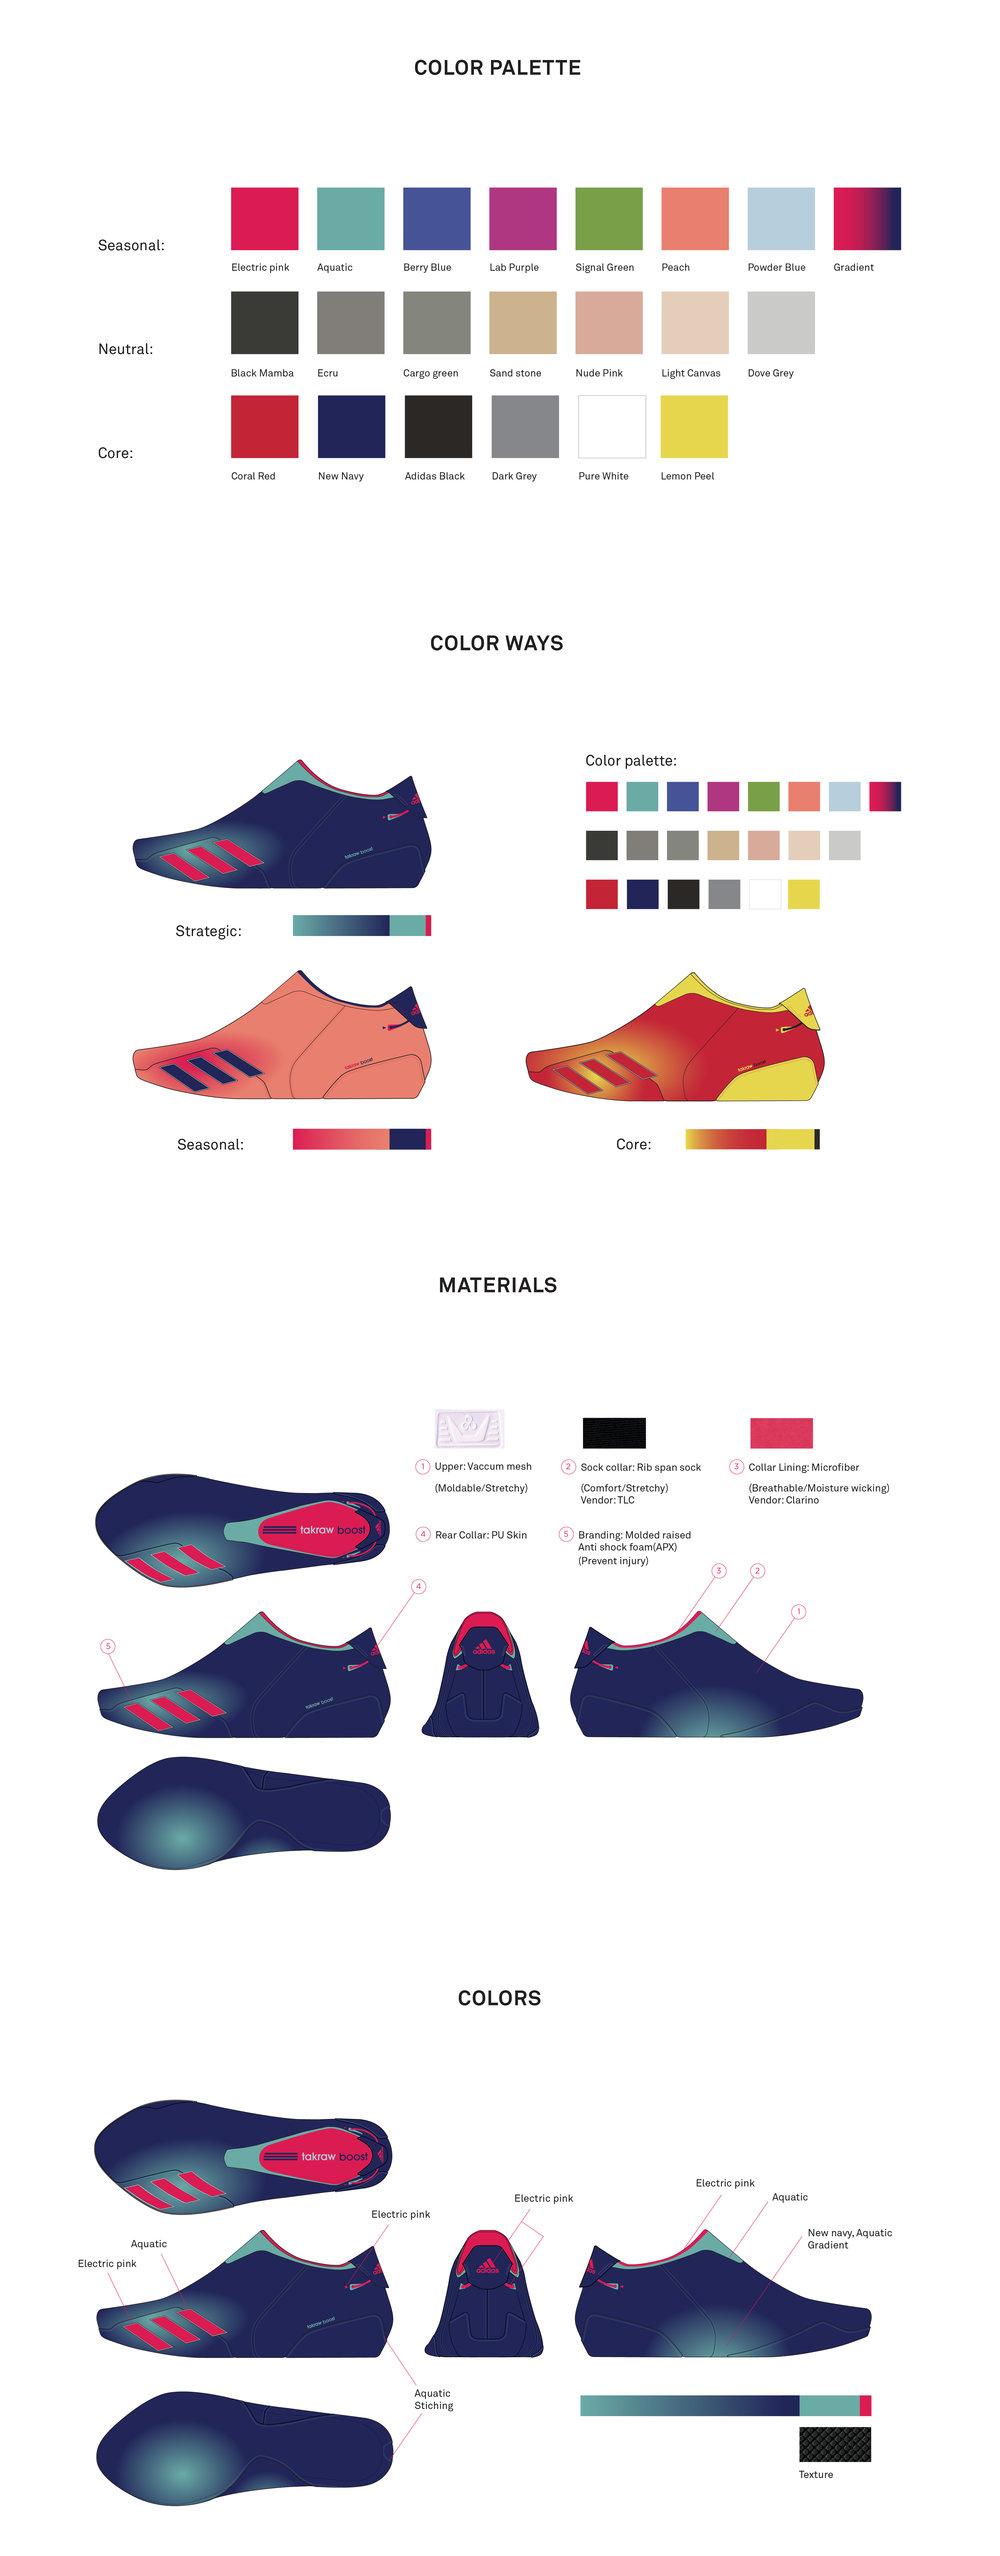 pensole website-11-11.jpg